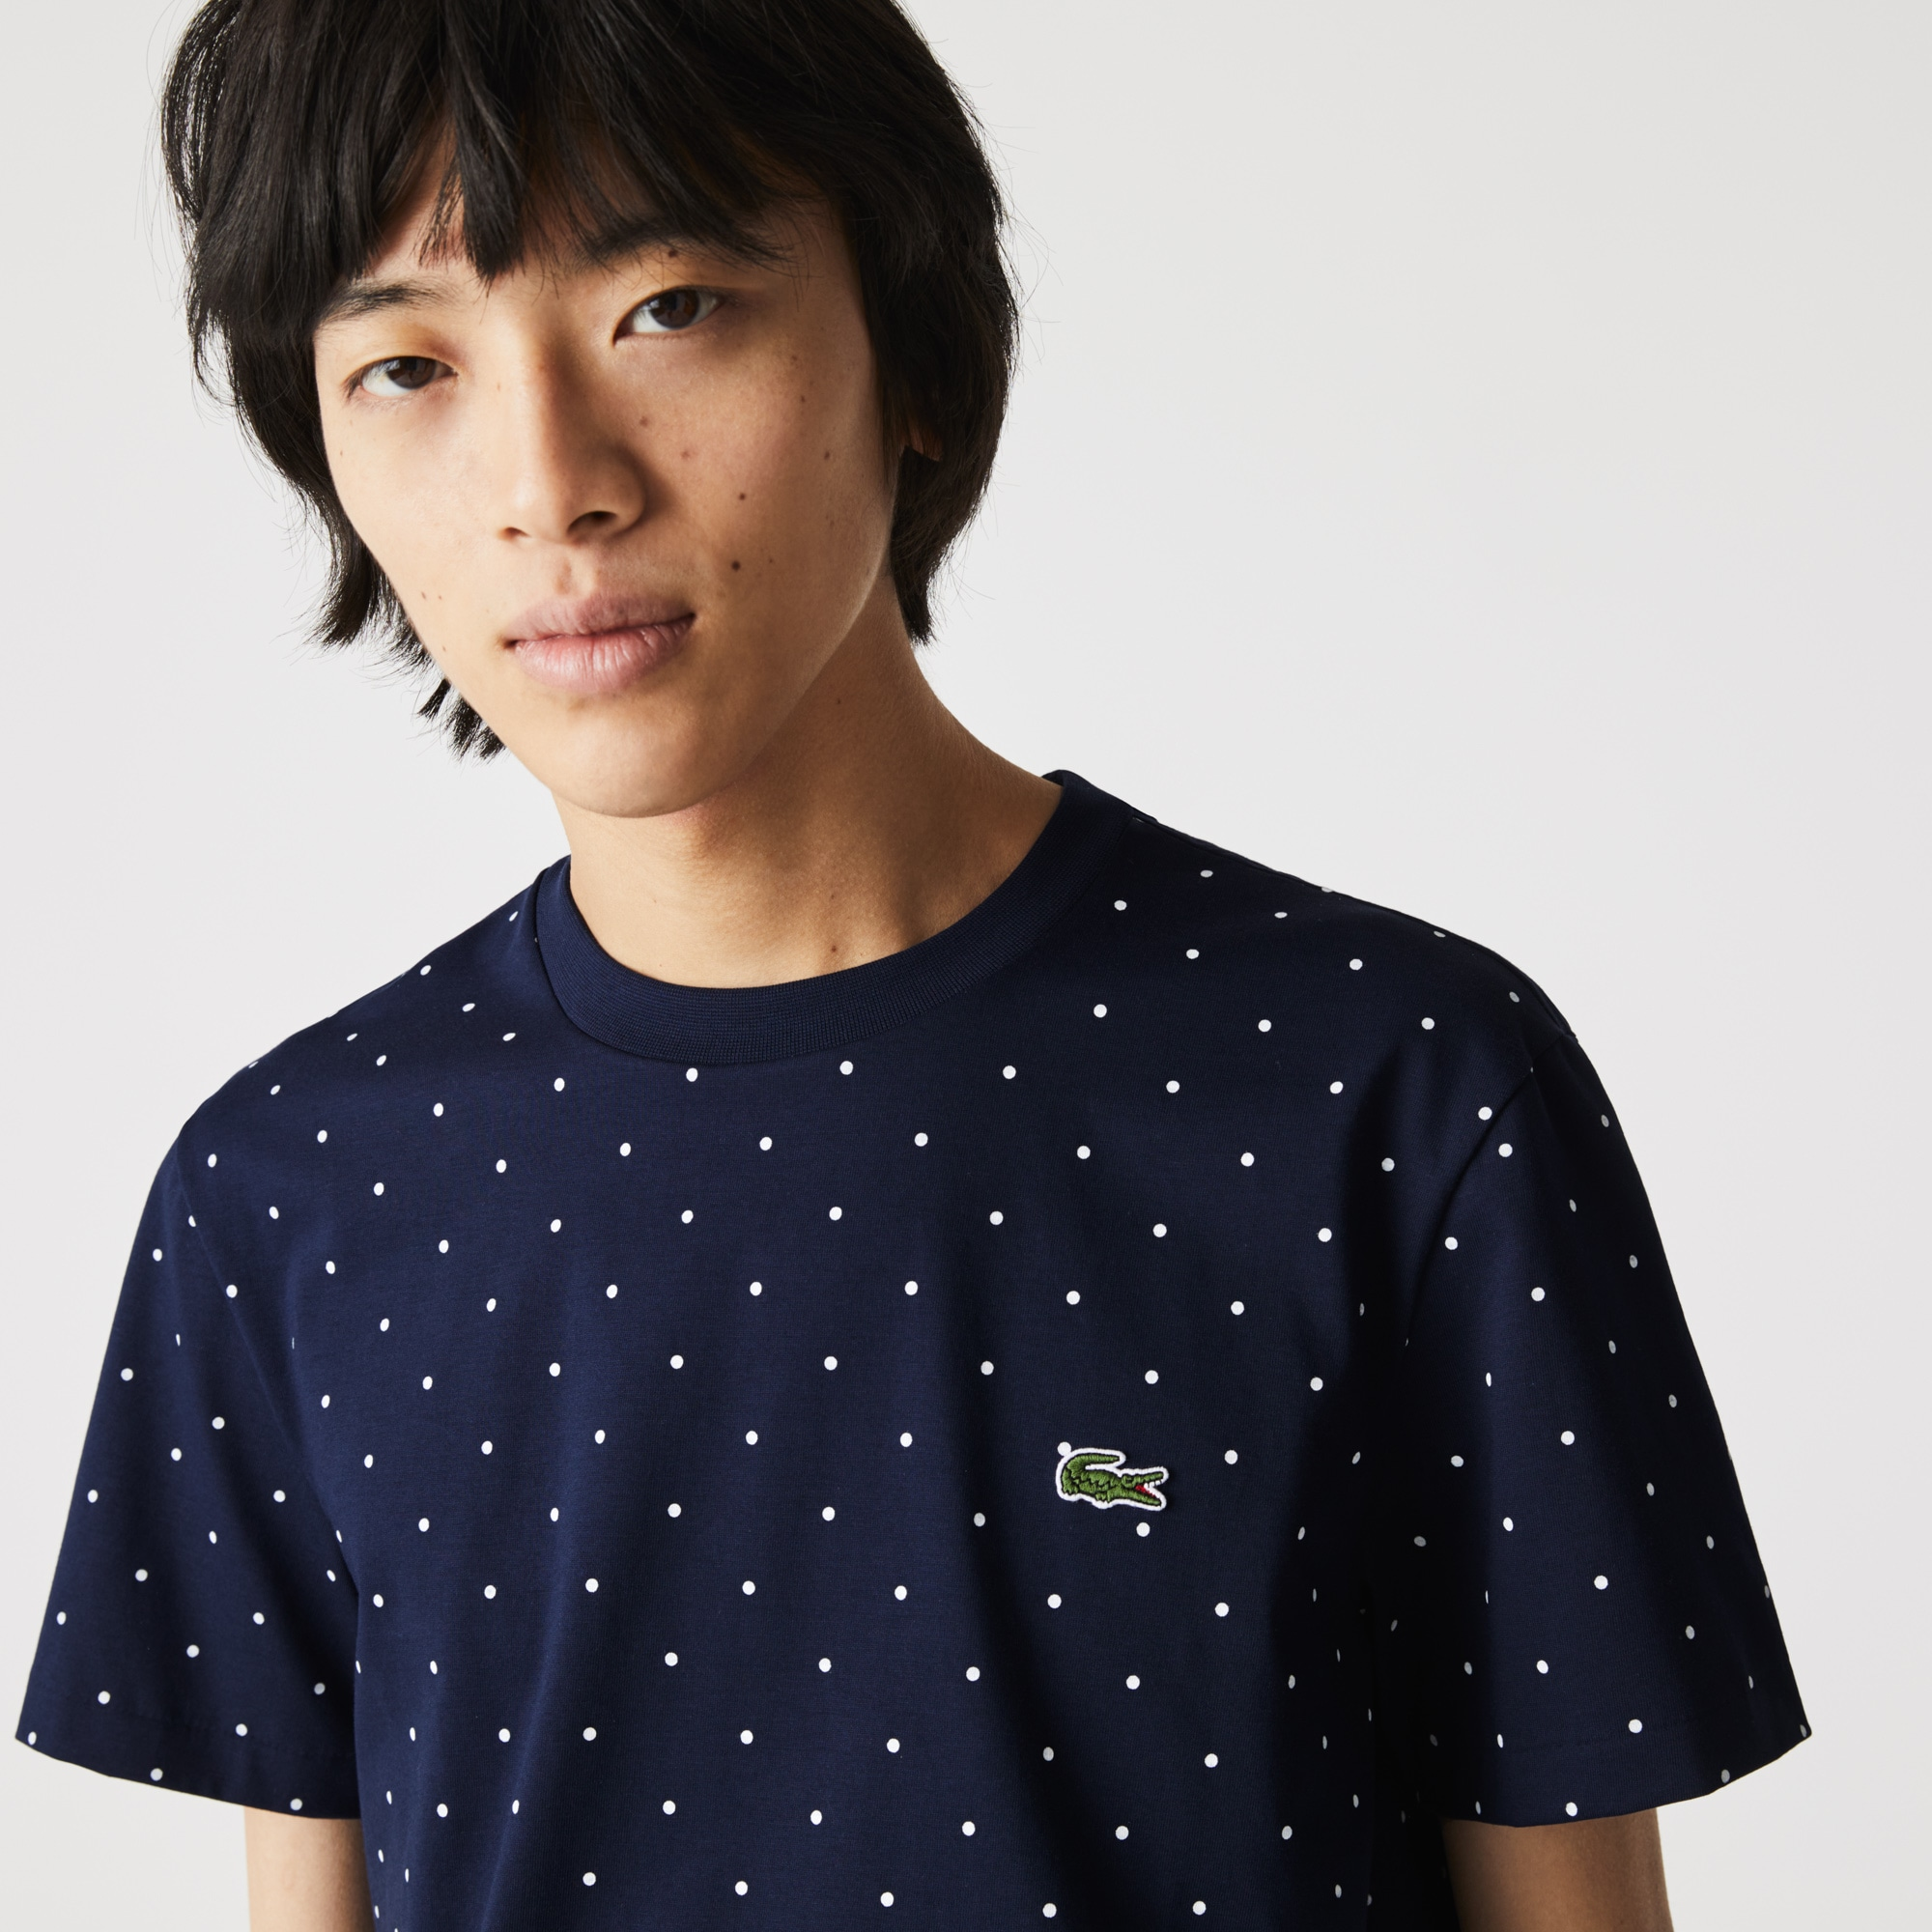 라코스테 Lacoste Men's Crewneck Polka Dotted Cotton T-shirt,Navy Blue 166